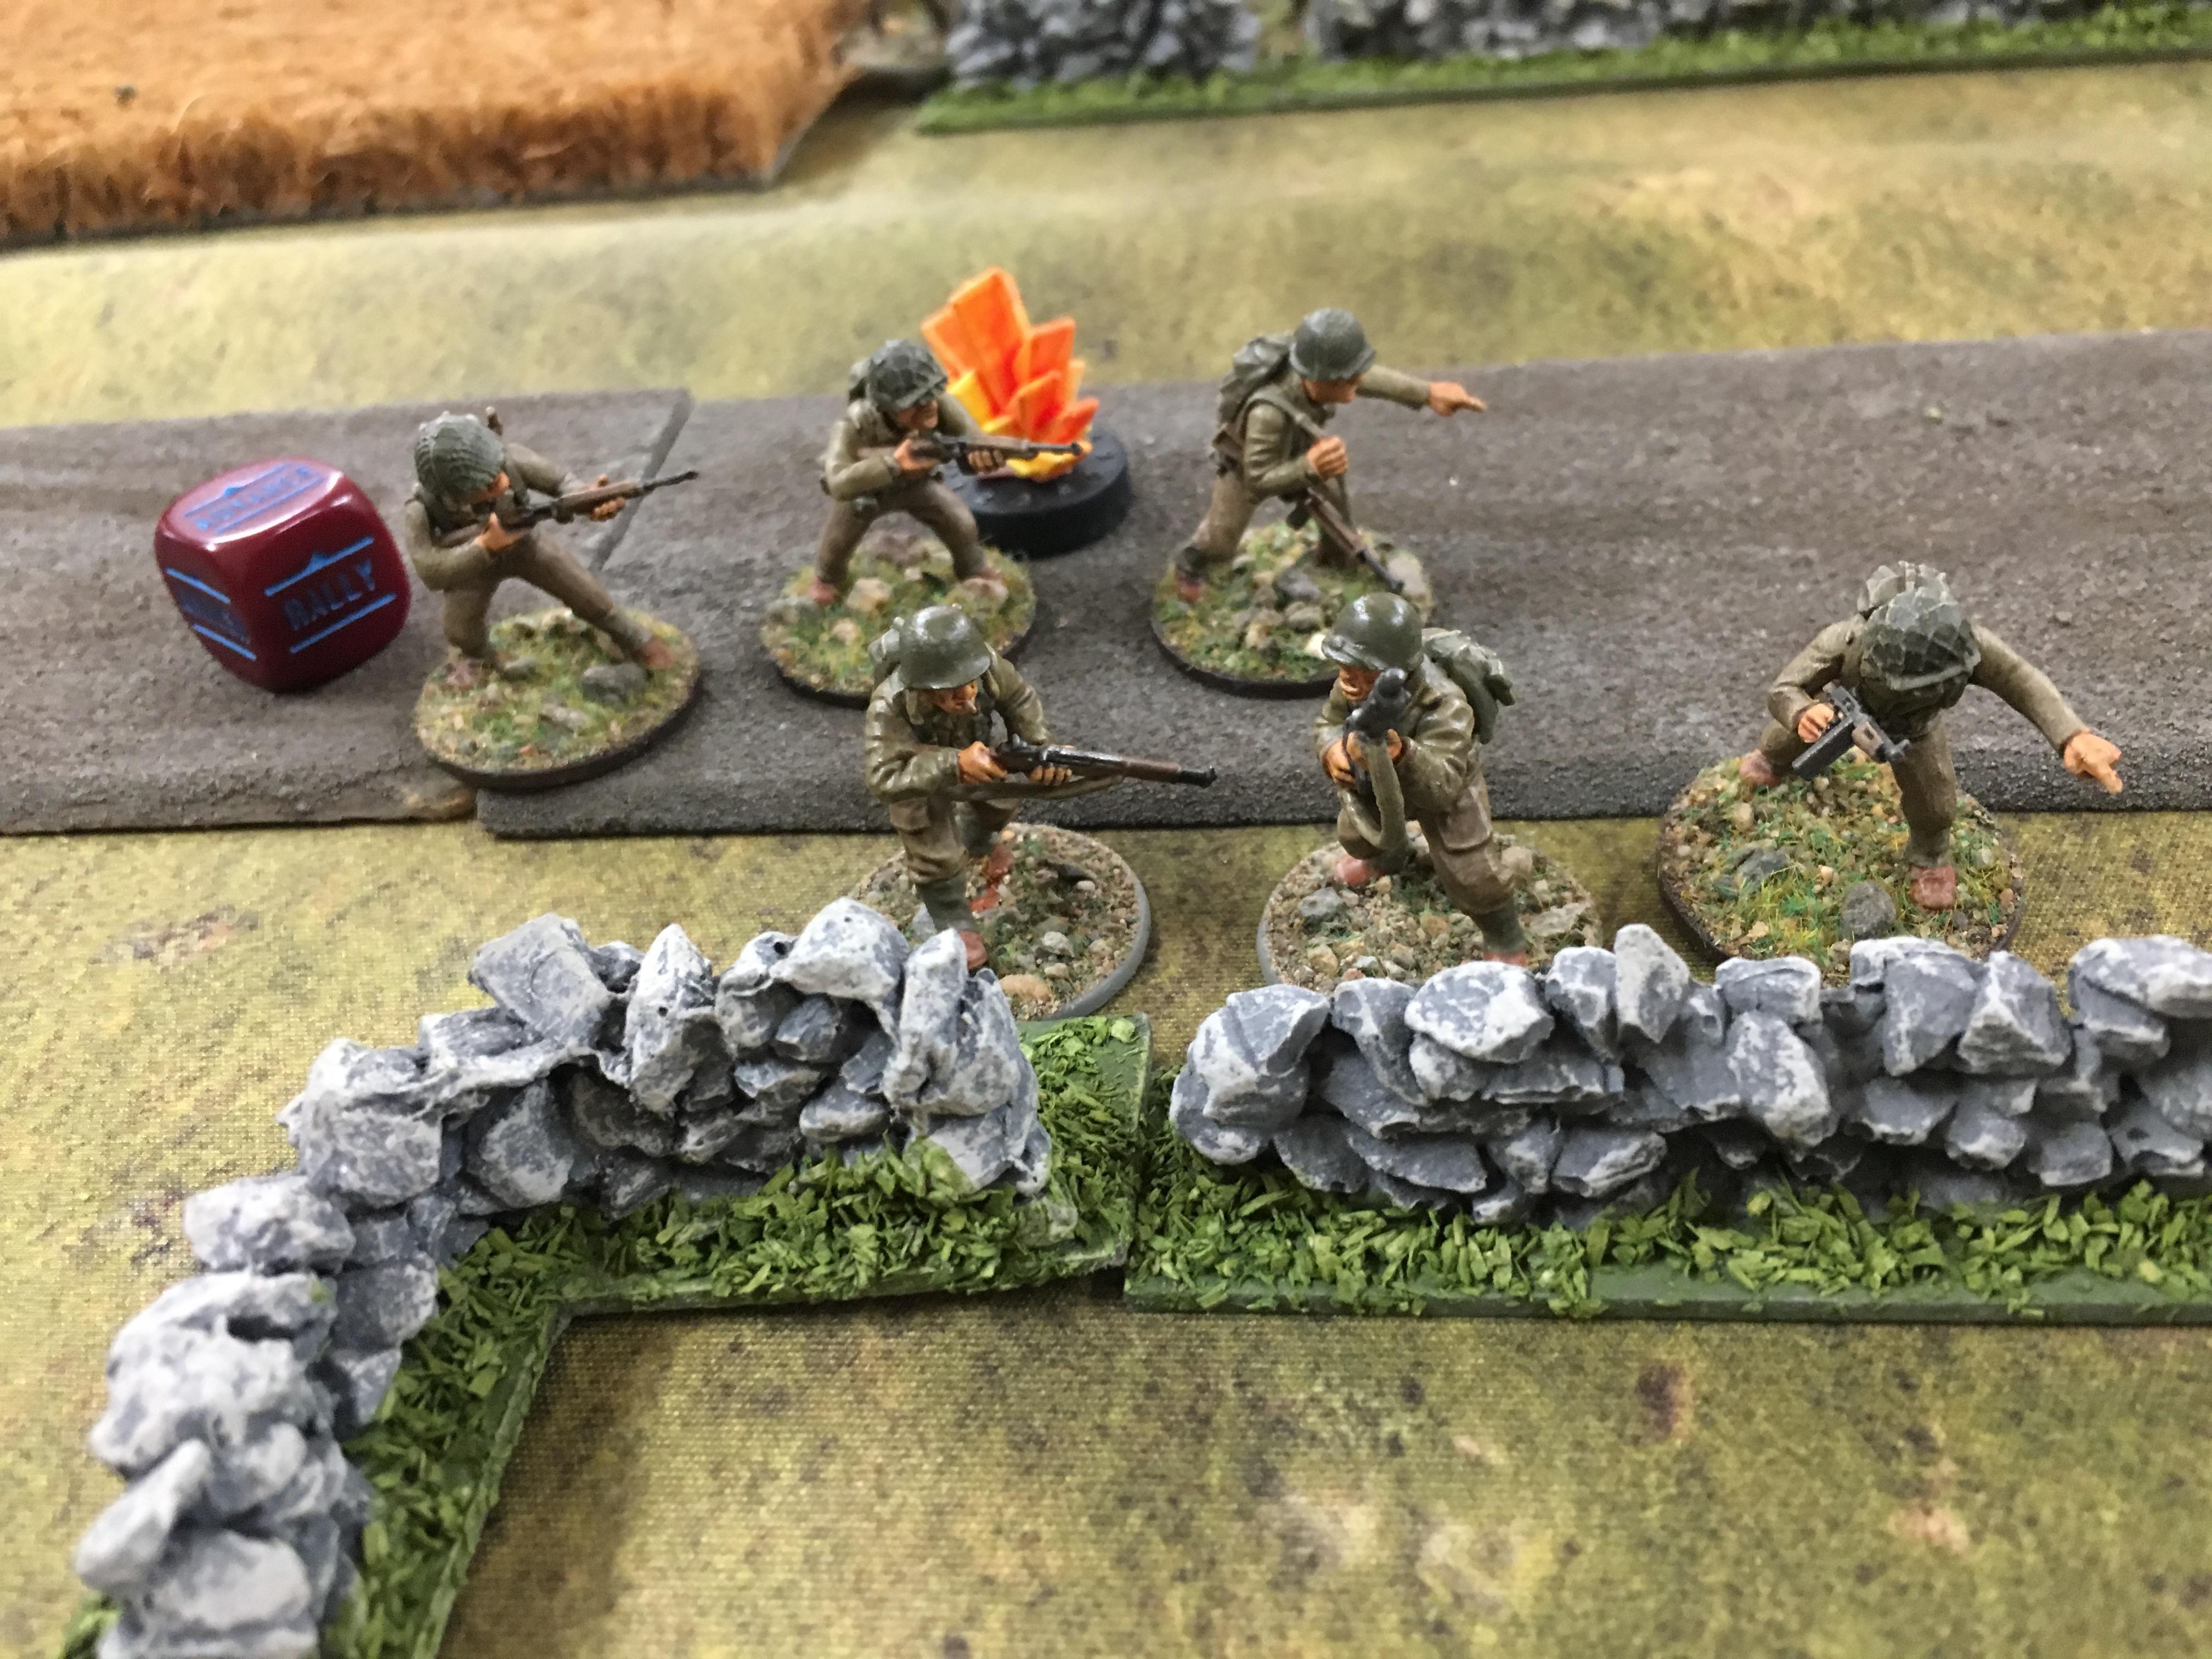 German grenadier's versus FFI in an armoured engagement